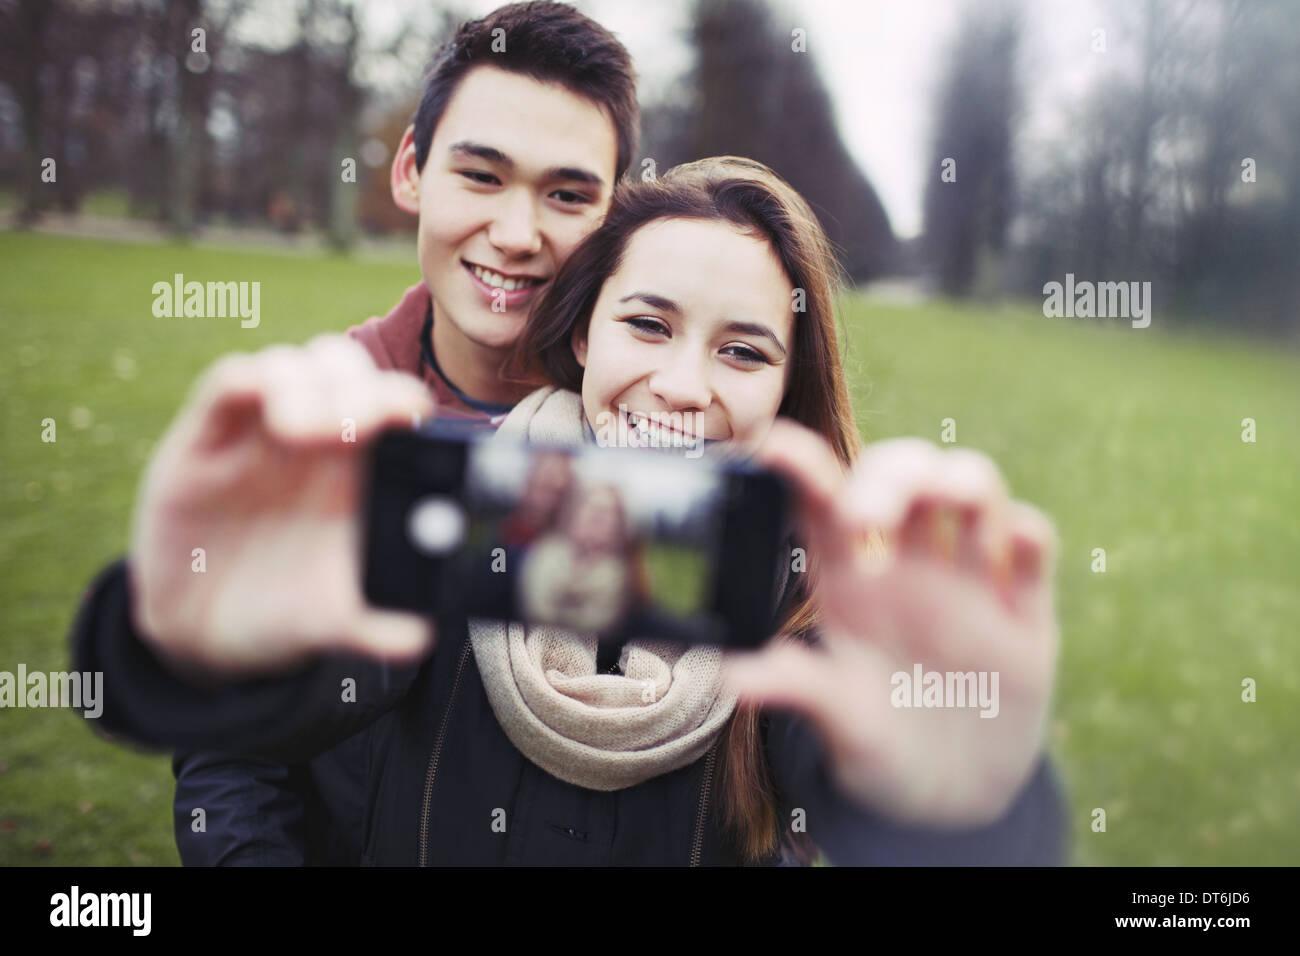 Pareja joven busca feliz mientras toma fotografías utilizando un teléfono inteligente en el parque. Adolescente y la chica enamorada de fotografiar. Imagen De Stock